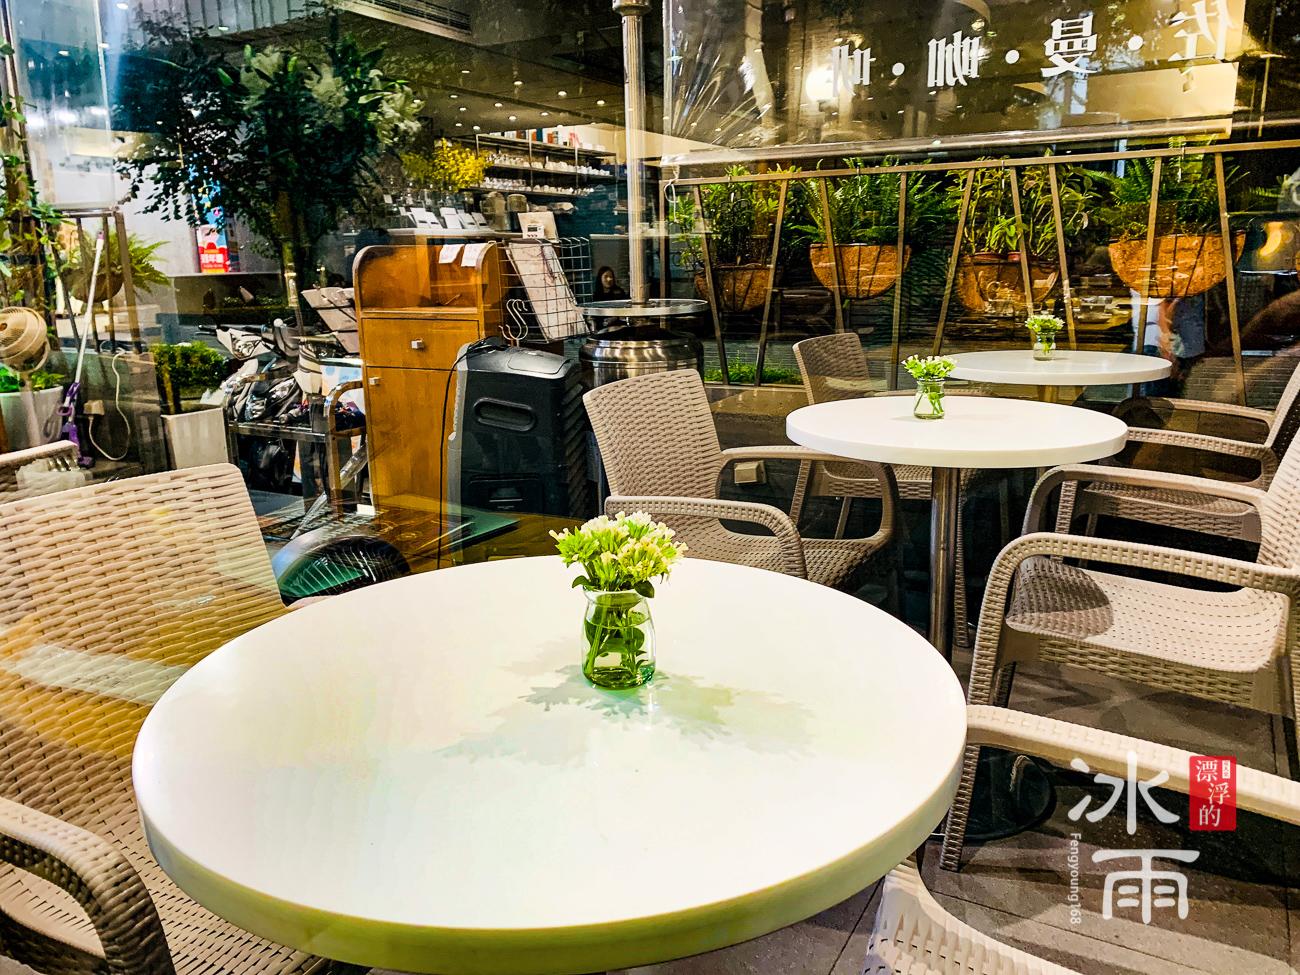 佐曼咖啡Jumane Cafe|戶外座位